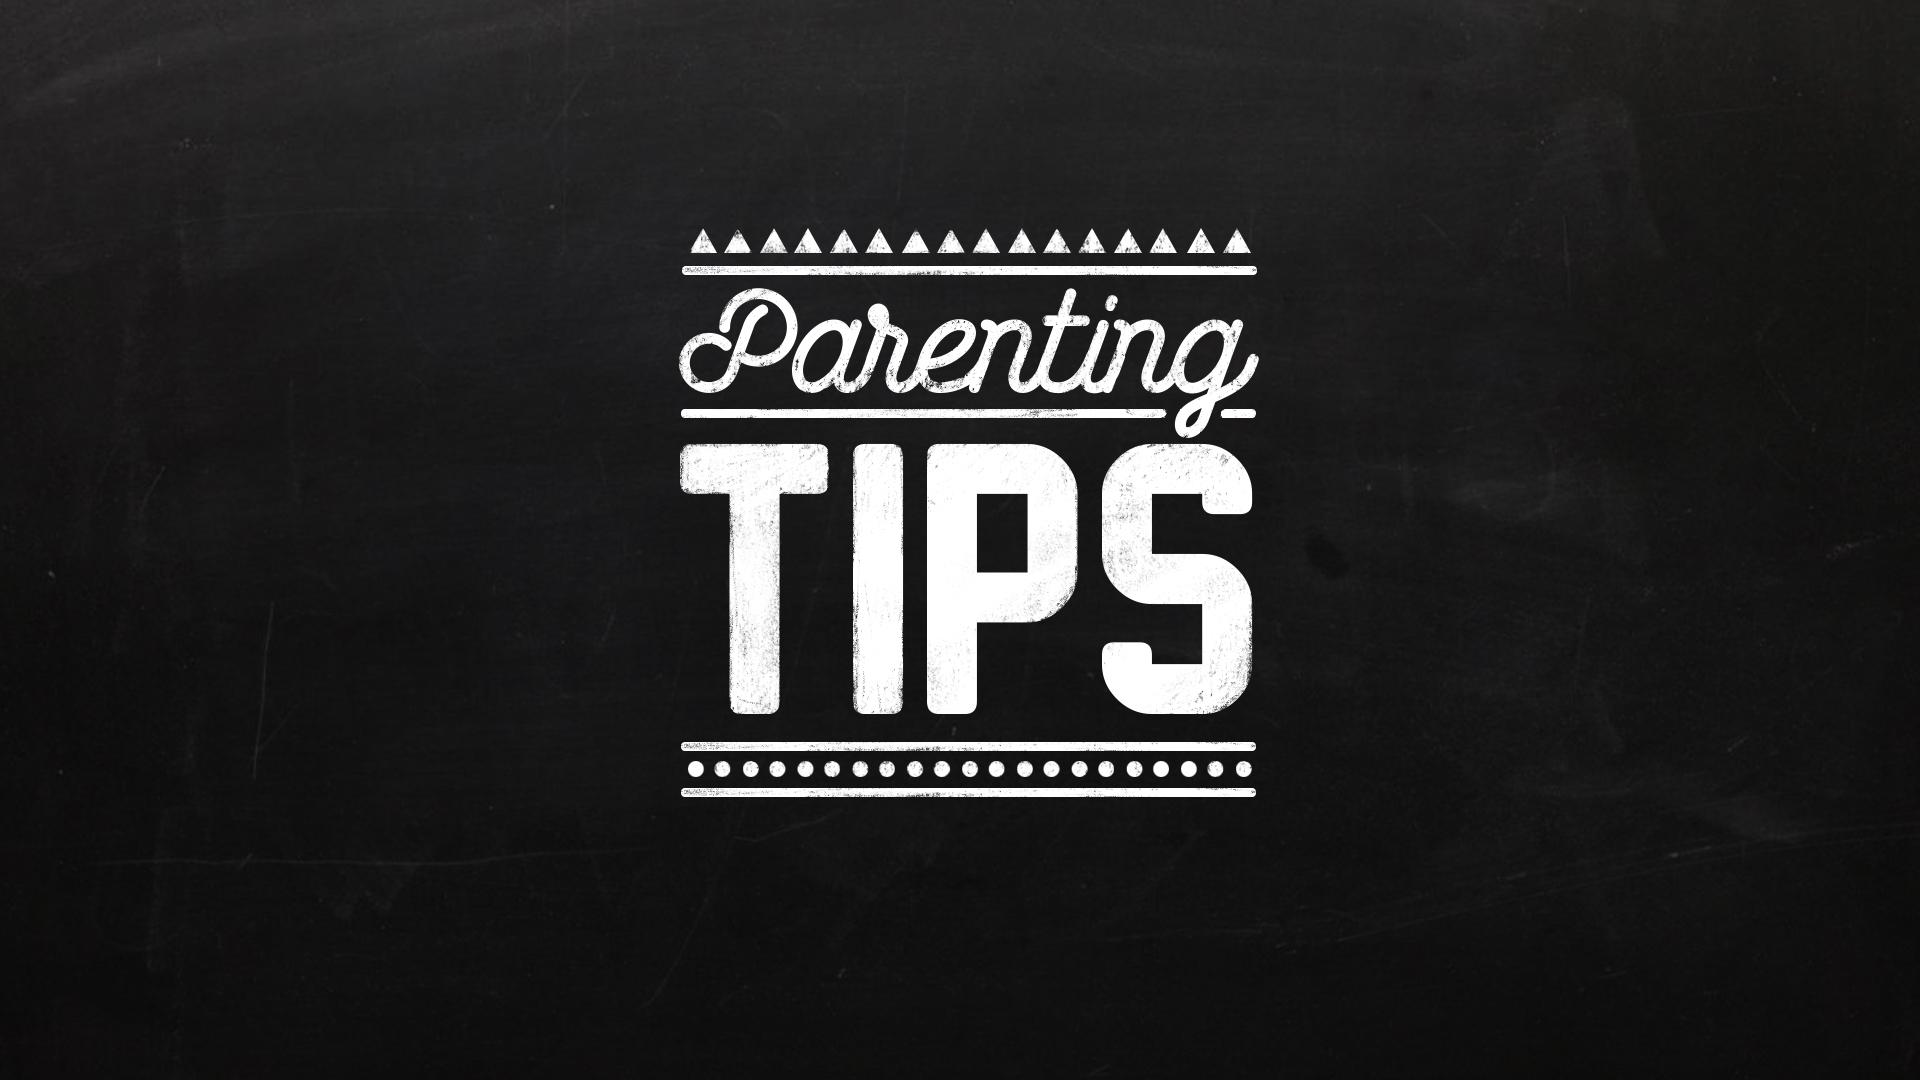 ParentingTips_v2Artboard 6.jpg